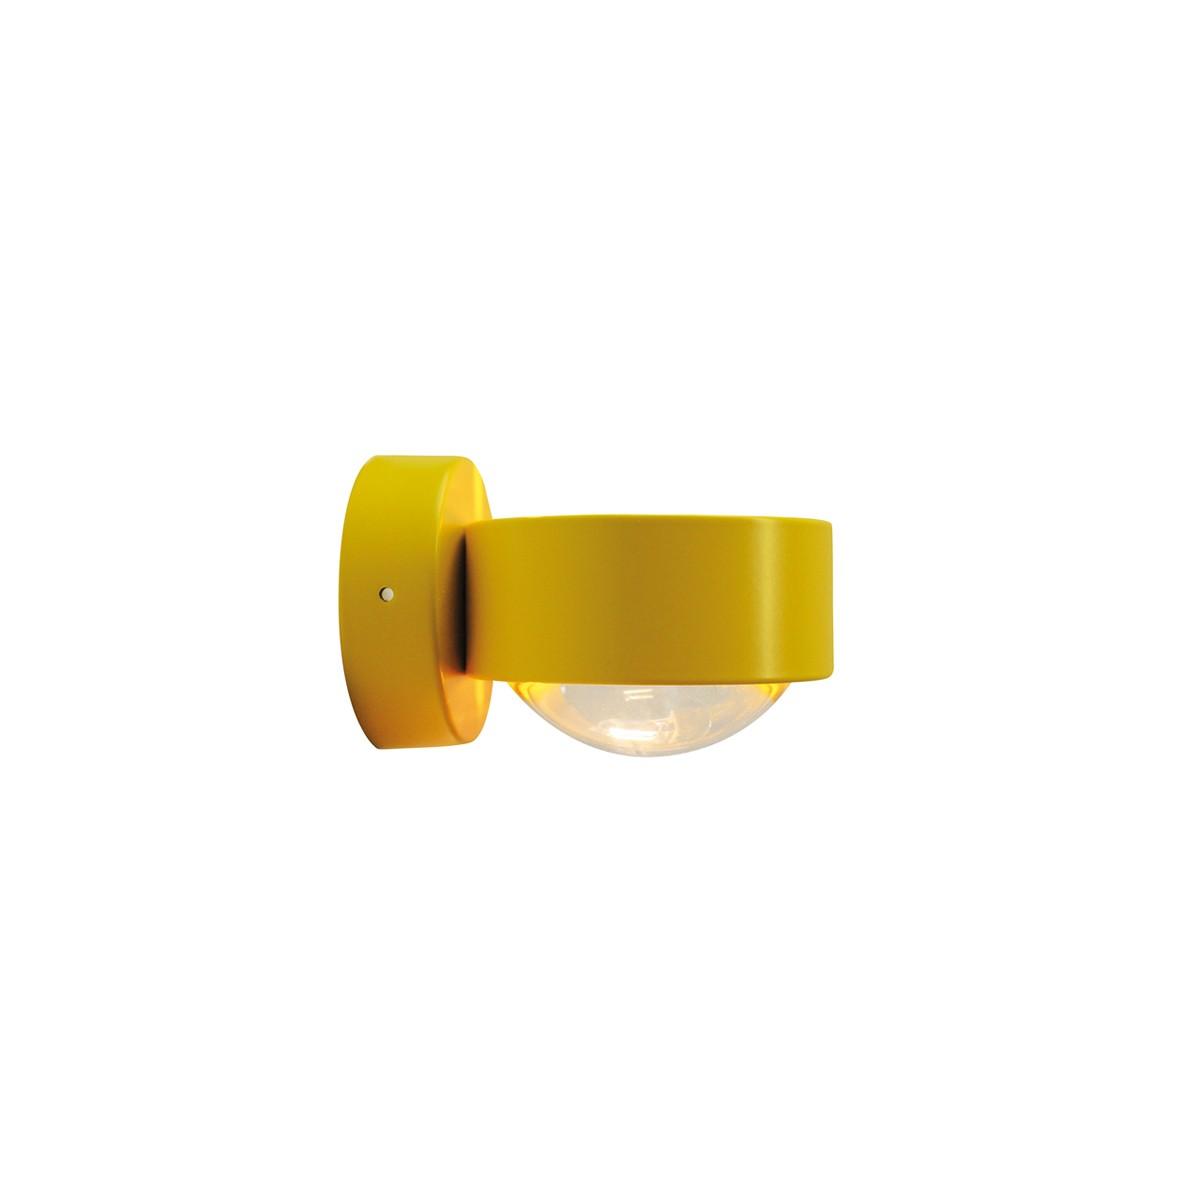 Top Light Puk Wall LED Wandleuchte, gelb